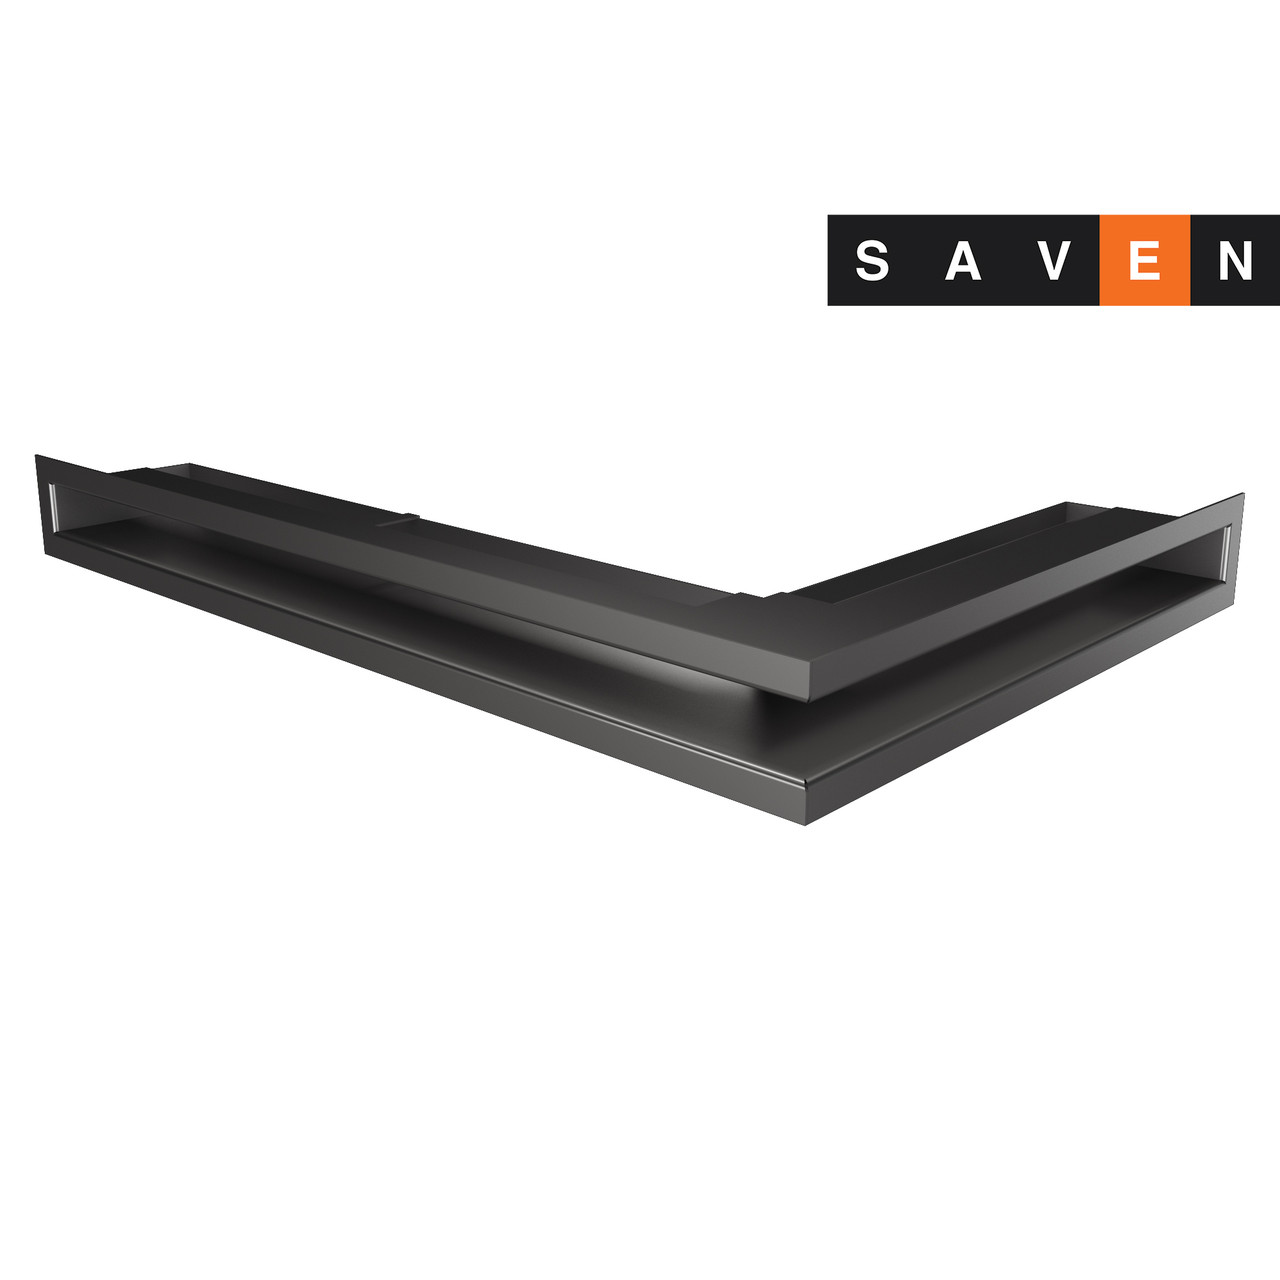 Вентиляционная решетка для камина угловая левая SAVEN Loft Angle 60х400х600 графитовая